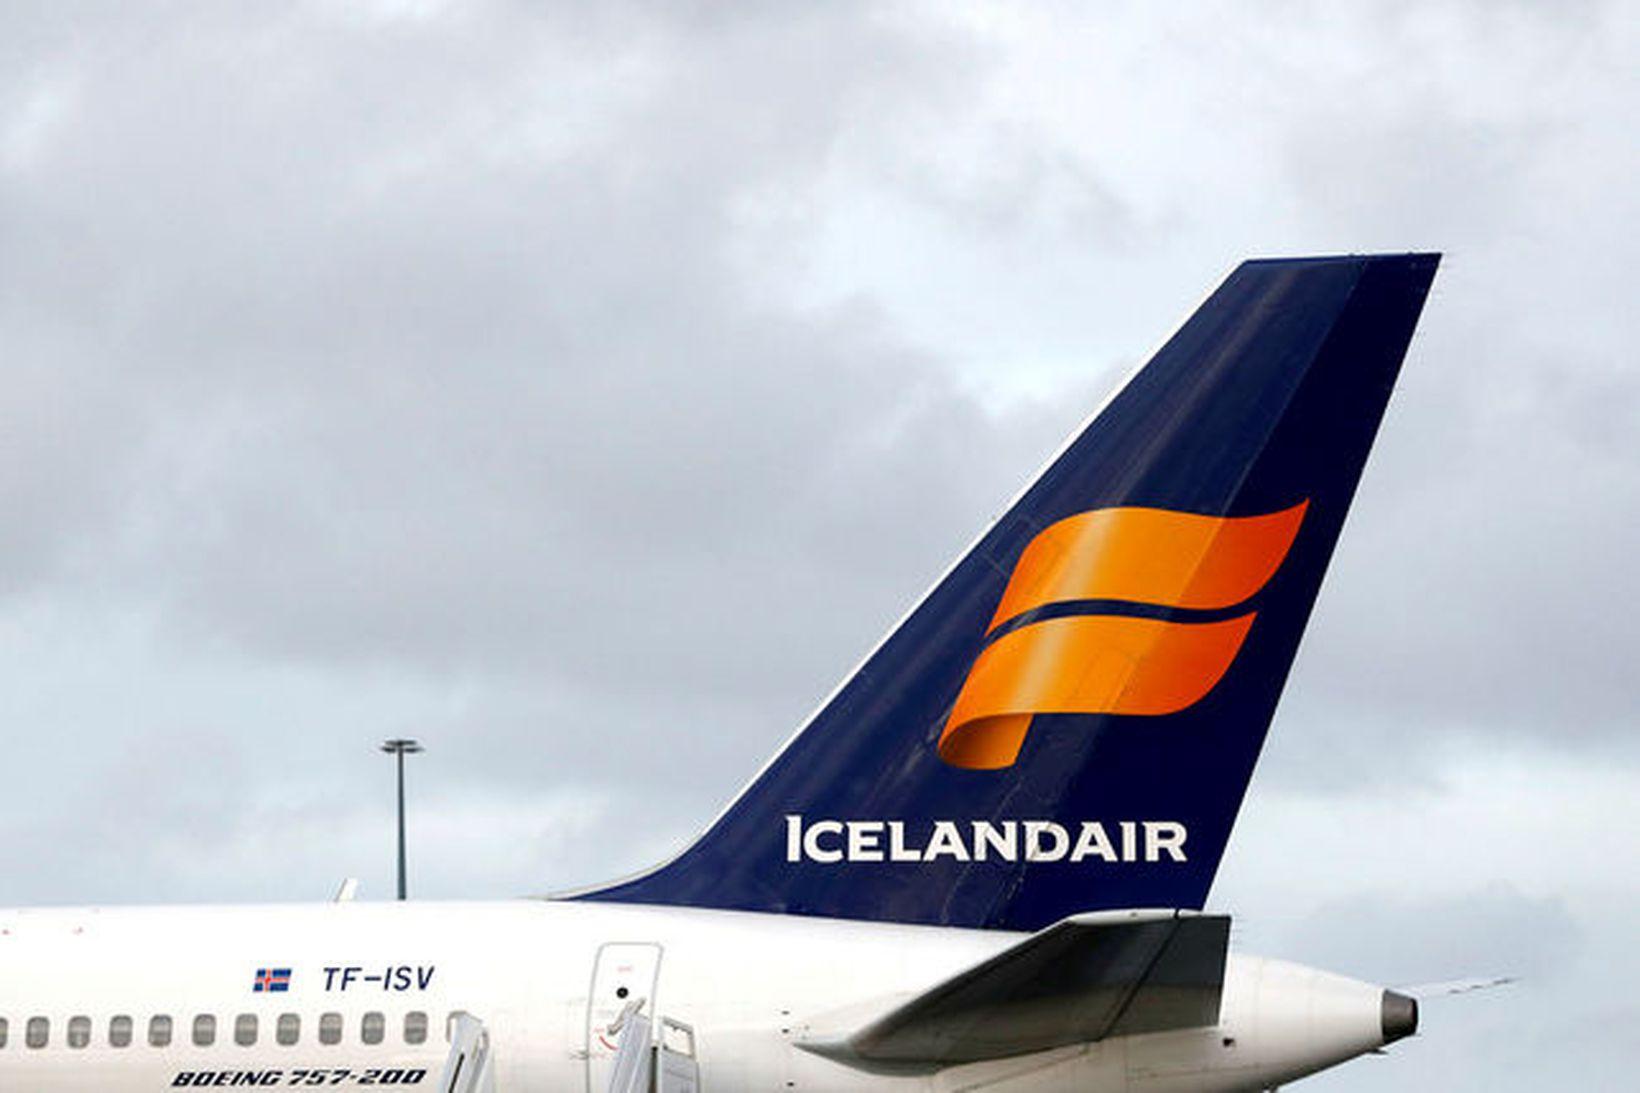 Þota Icelandair.